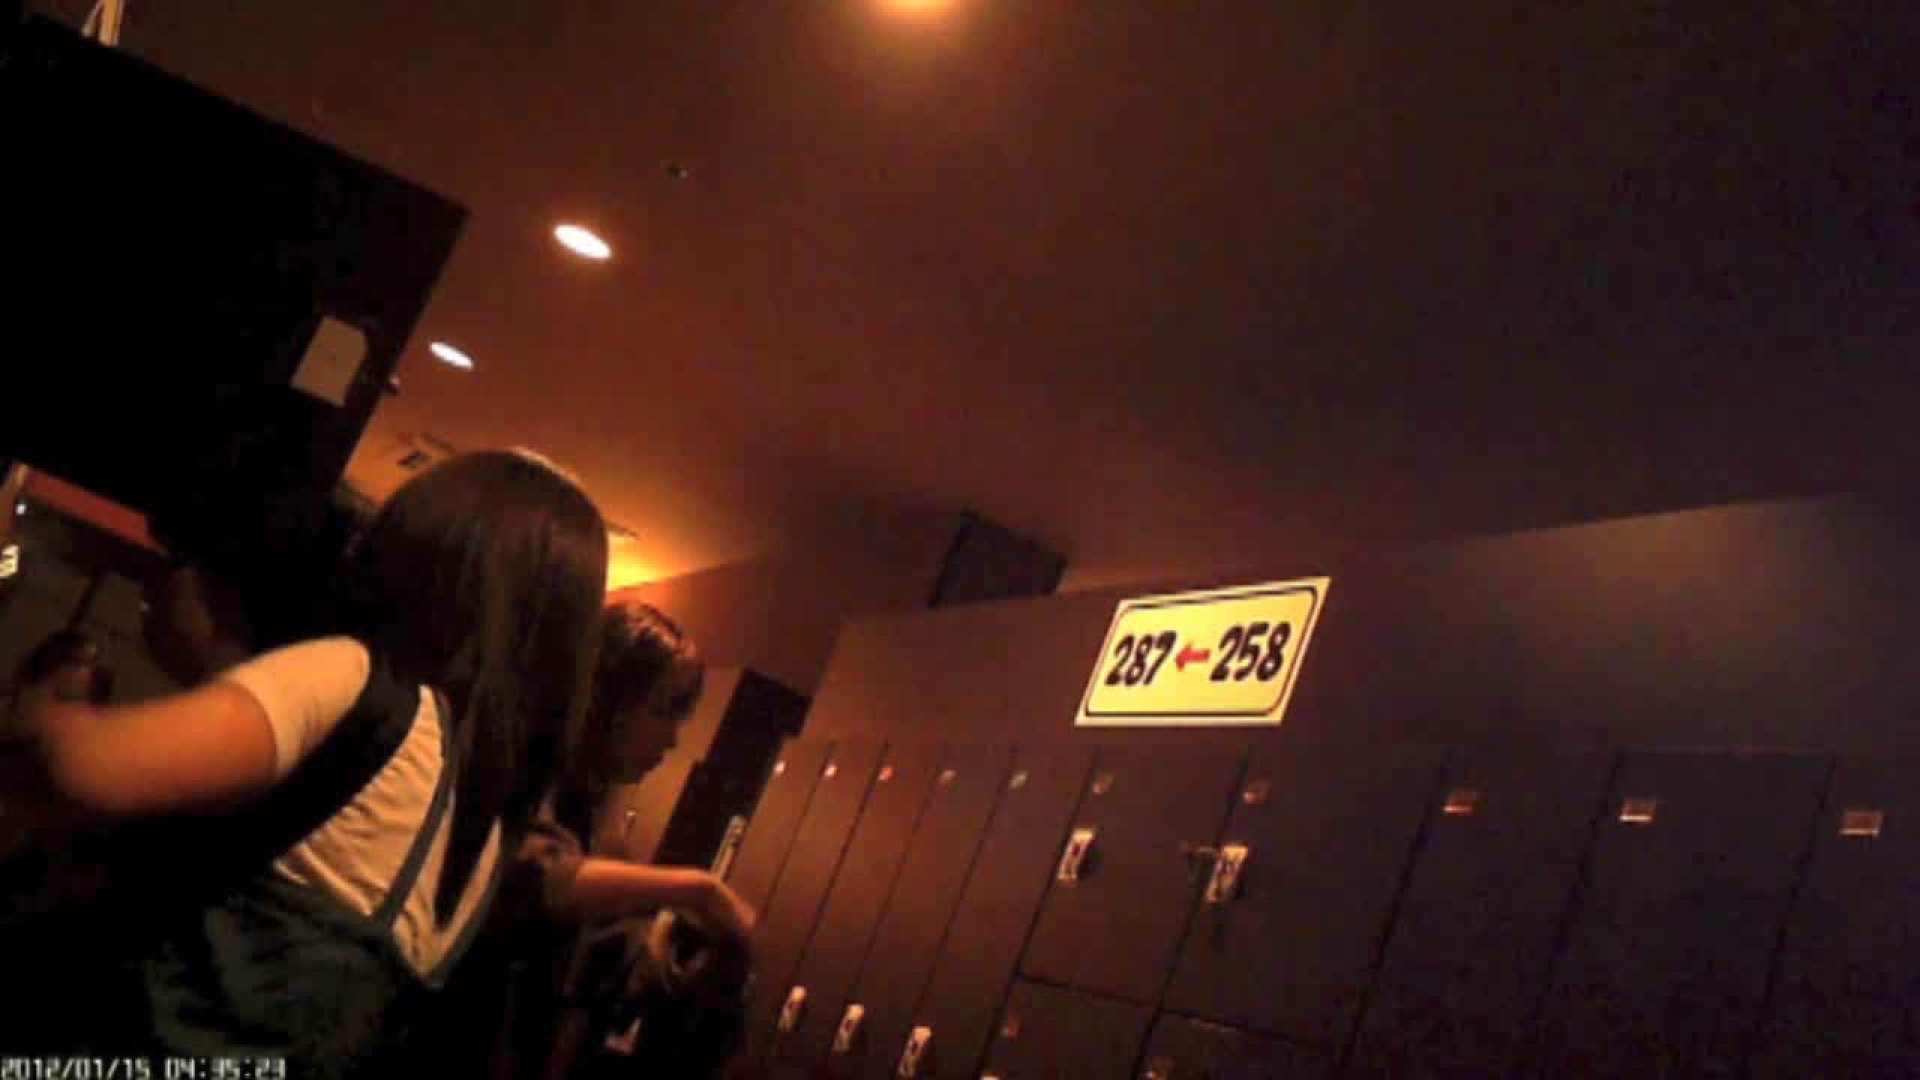 現役ギャル盗撮師 hana様の女風呂潜入撮!Vol.5 盗撮 ヌード画像 60画像 52